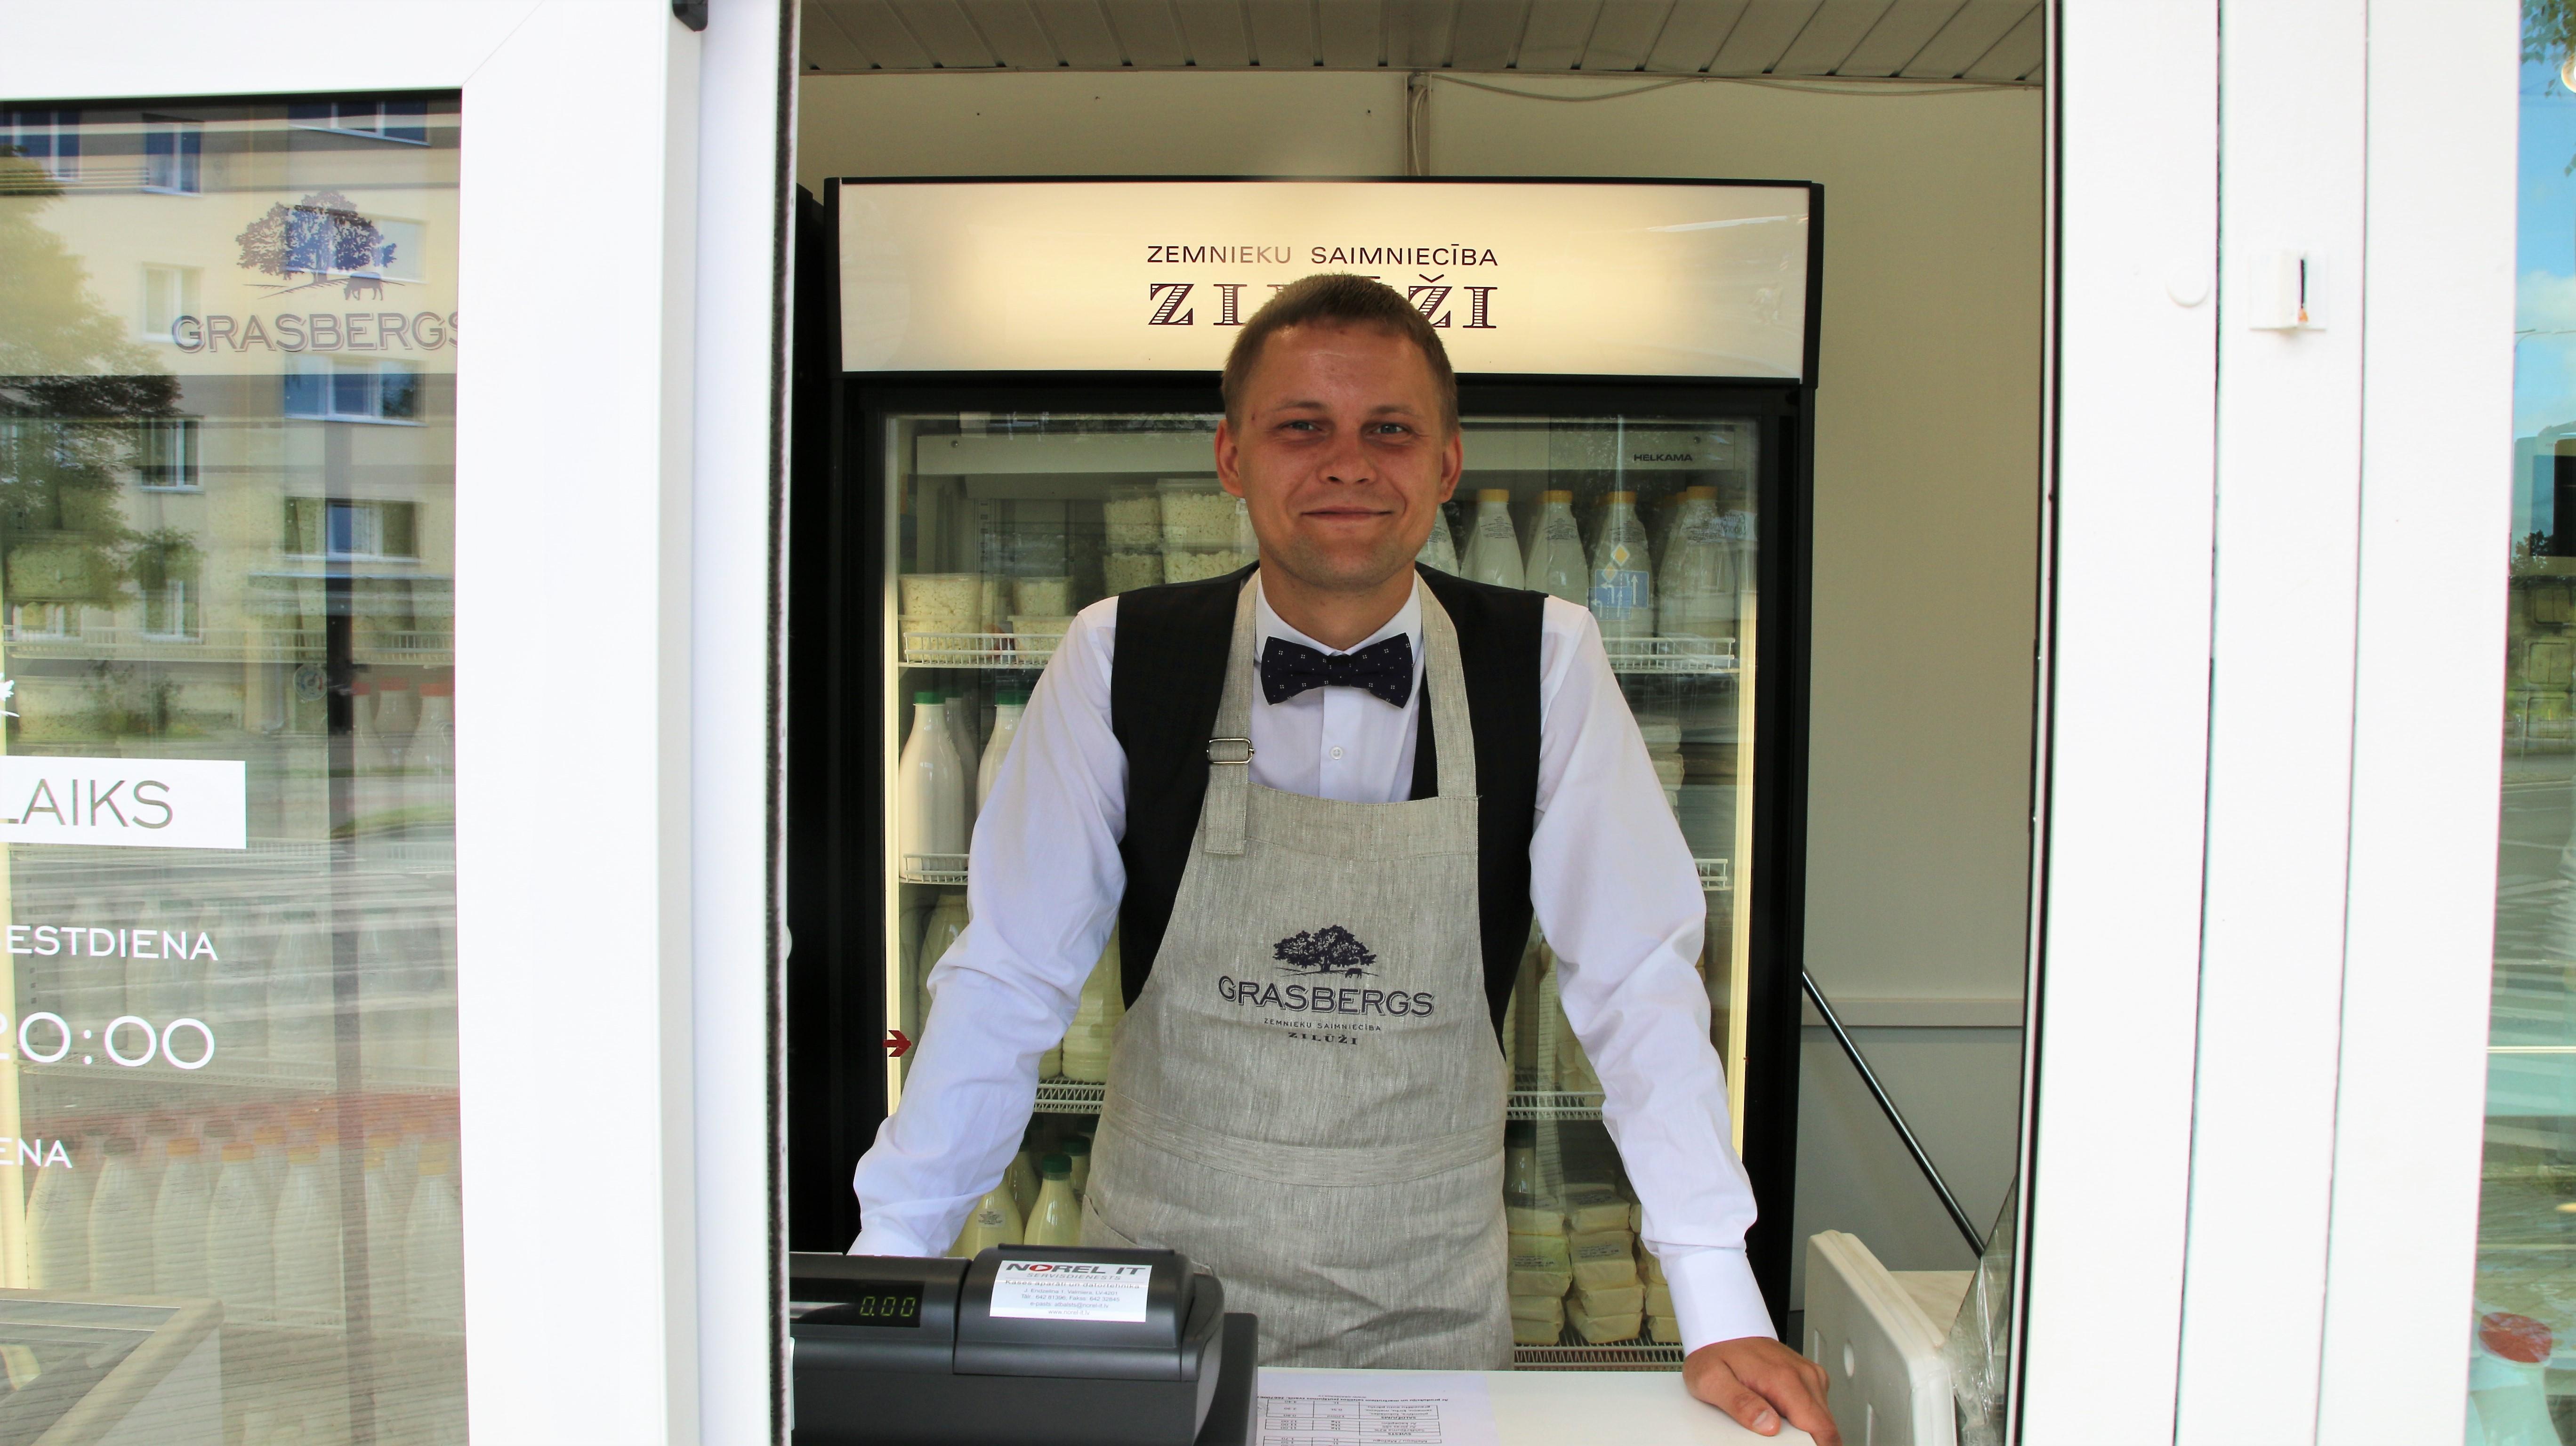 ZS Zilūži piena produktu veikaliņš